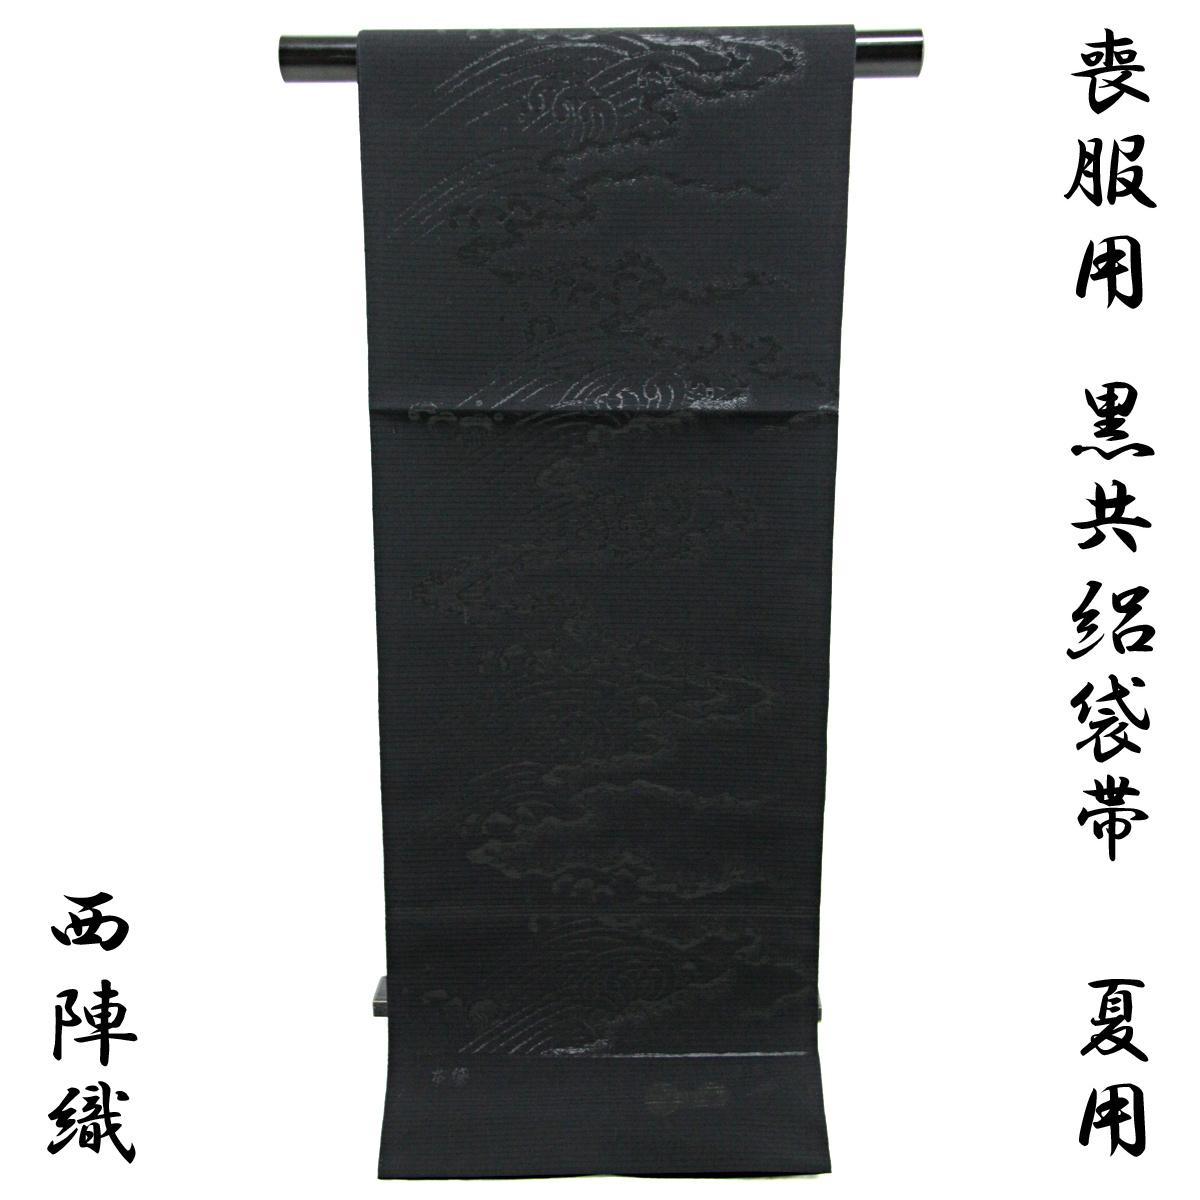 【訳あり】 絽黒共袋帯 -6- 夏用 西陣織 山下織物 絹混 波文